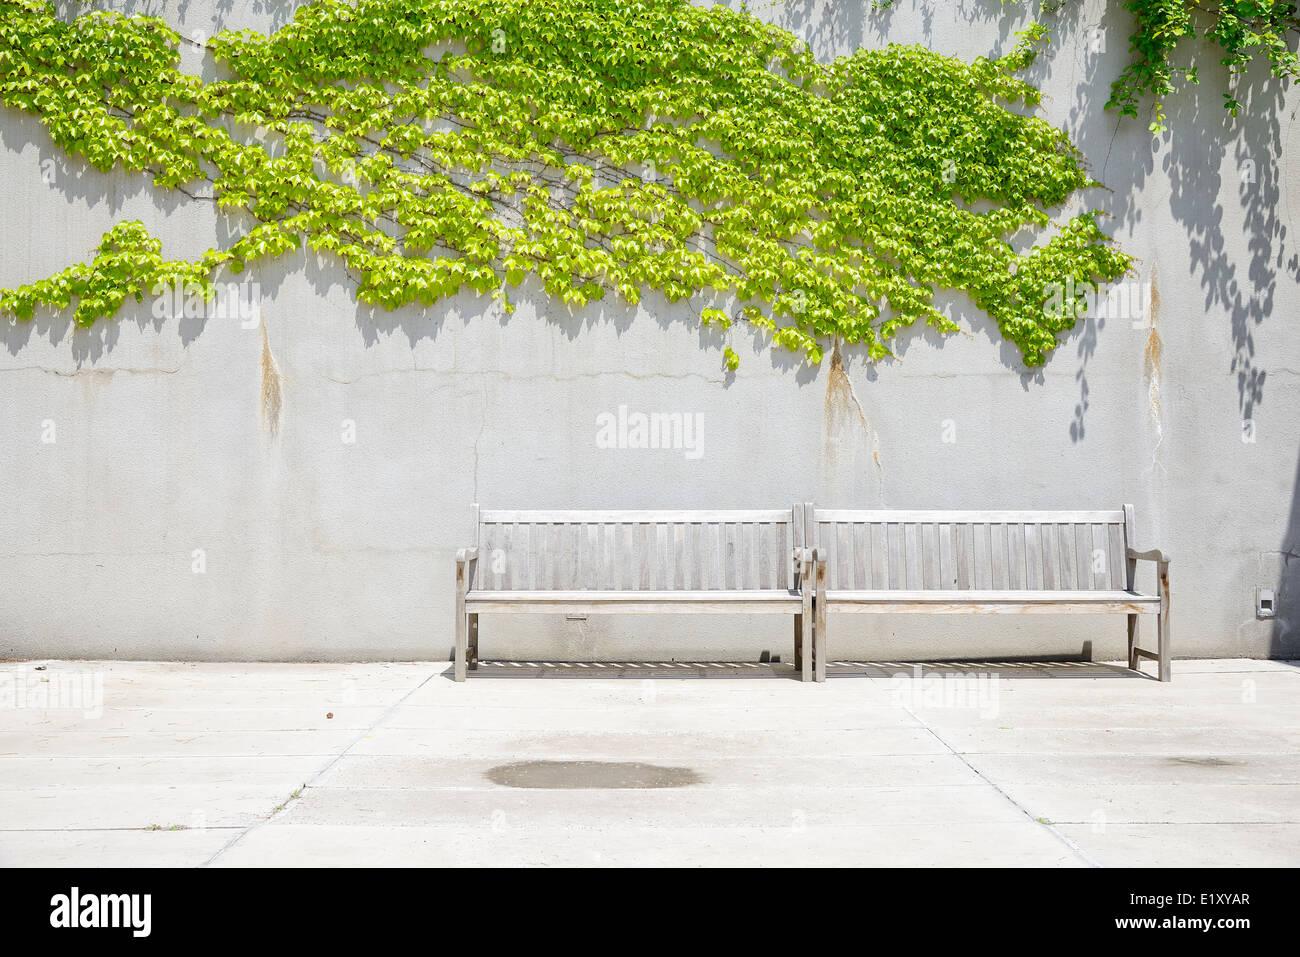 zwei Holzbänke vor Betonwand mit Reben Stockfoto, Bild: 70048351 - Alamy